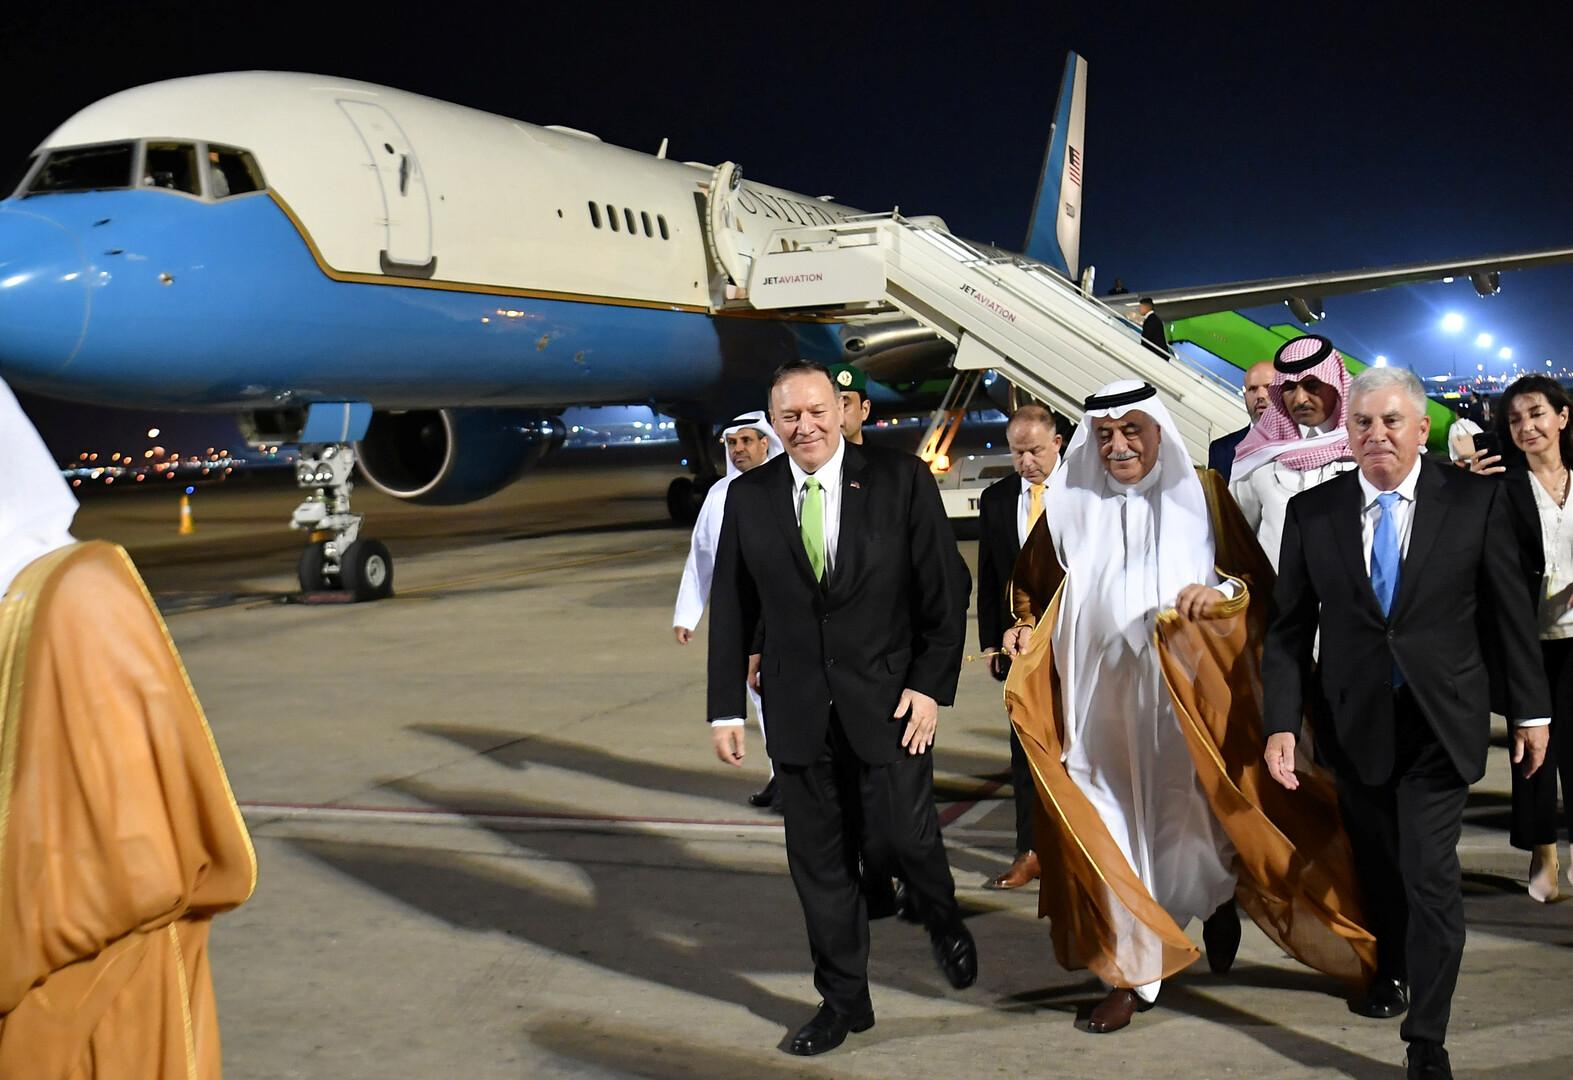 وزير الهارجية الأمريكي مايك بومبيو يصل إلى مطار الملك عبد العزيز الدولي بجدة